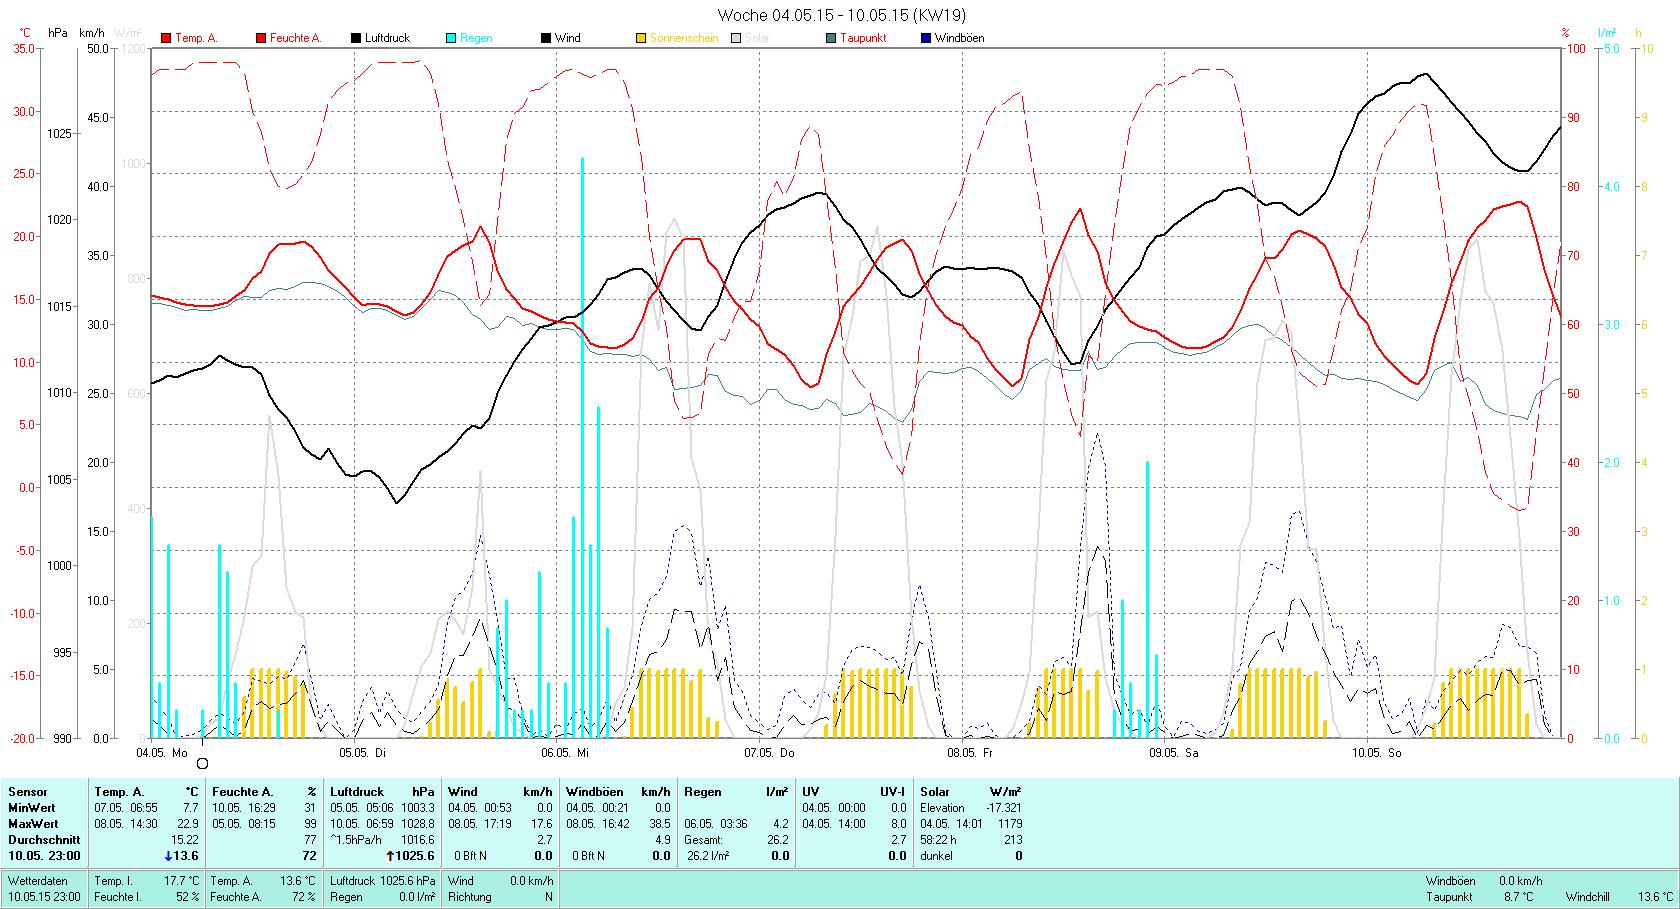 KW 19 Tmin  7.7°C, Tmax 22.9°C, Sonne 58:22h, Niederschlag 26.2mm/2